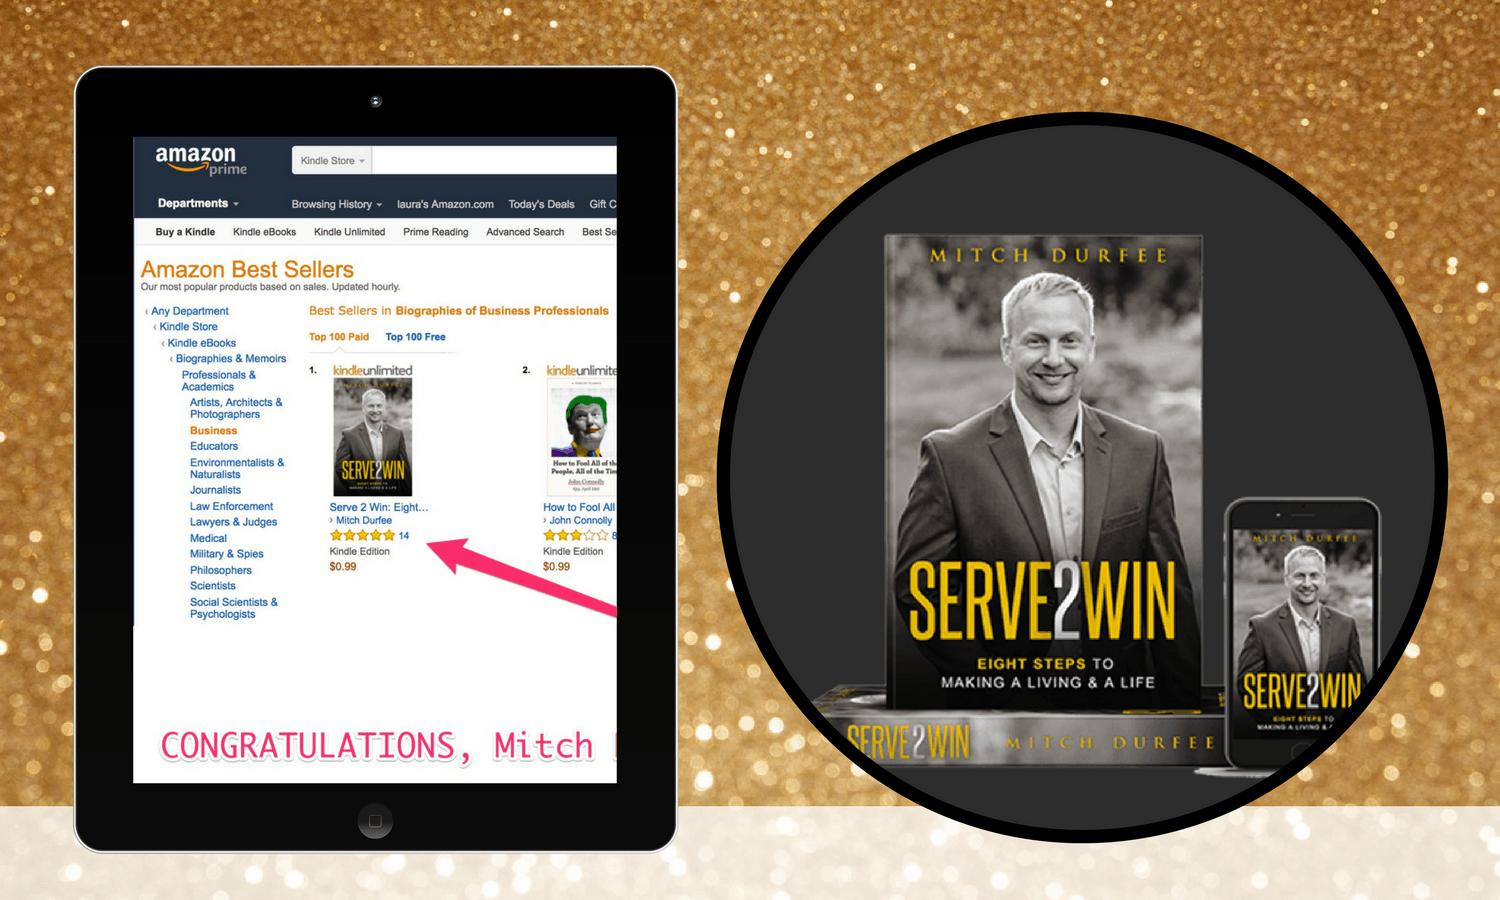 bestselling author mitch durfee